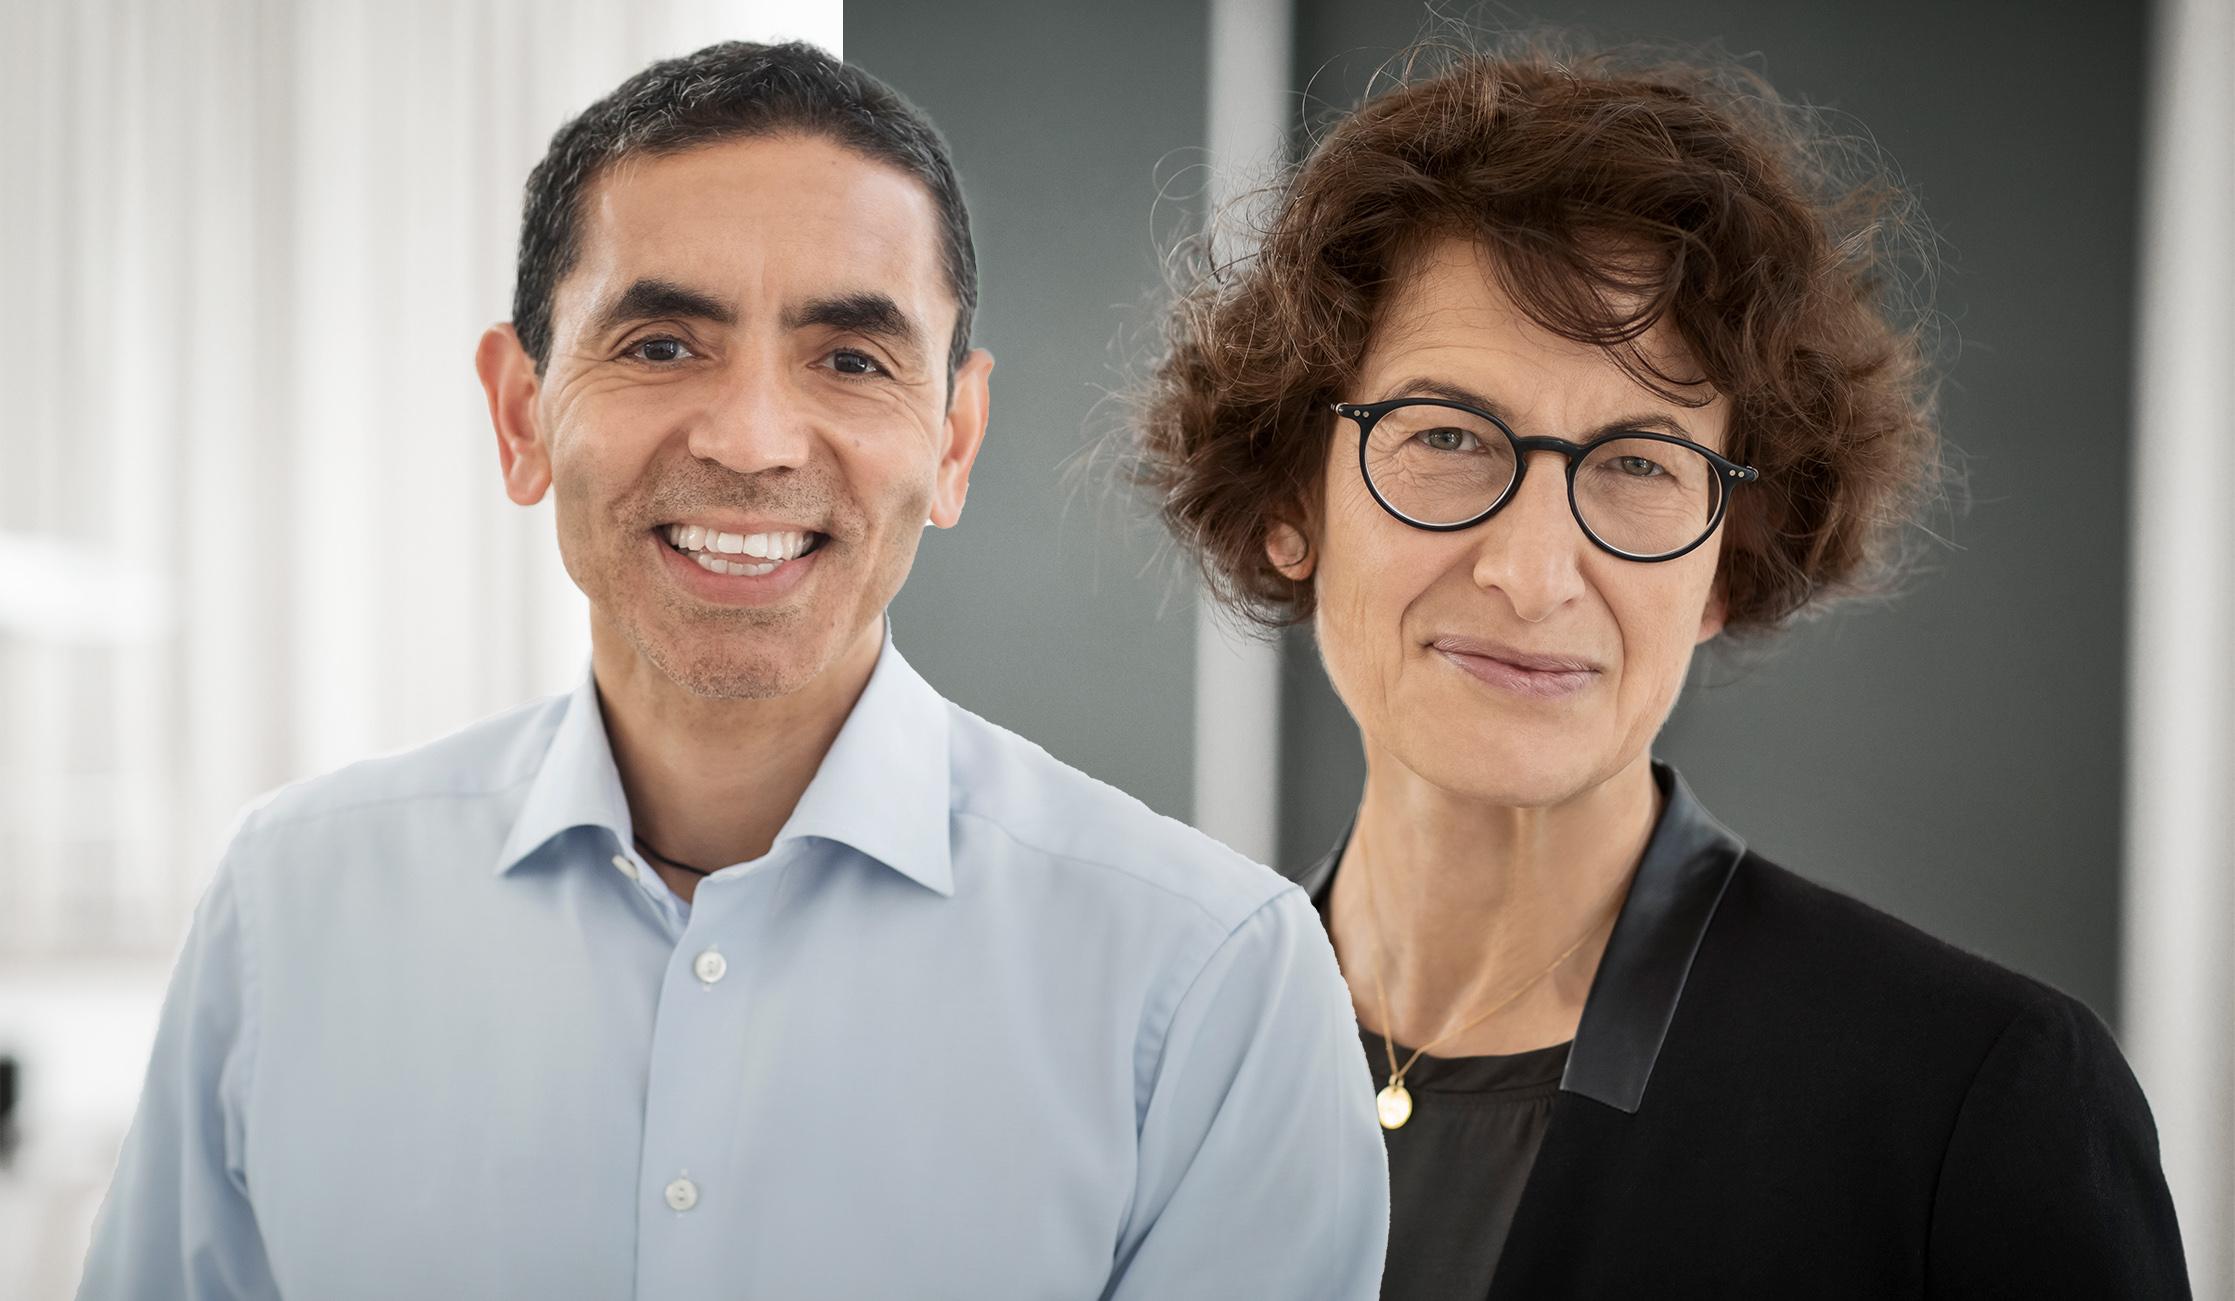 Török származású német házaspár viszi sikerre a vakcinát, aminek magyar biológus tette le az alapjait